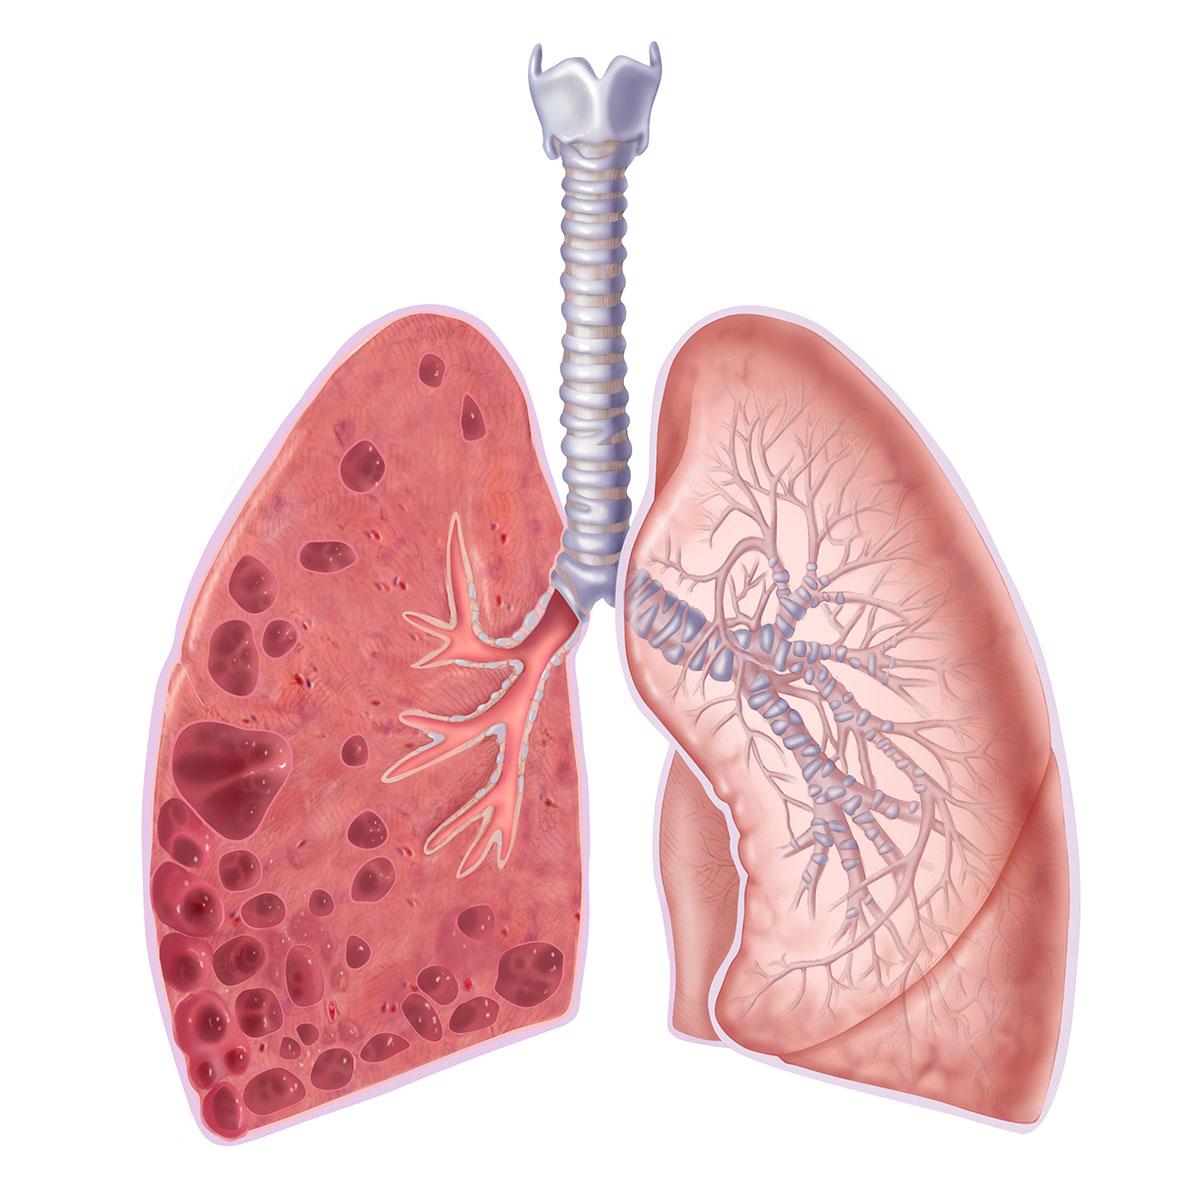 Пневмосклероз легких: склероз аорты, симптомы и лечение, а также что это такое?